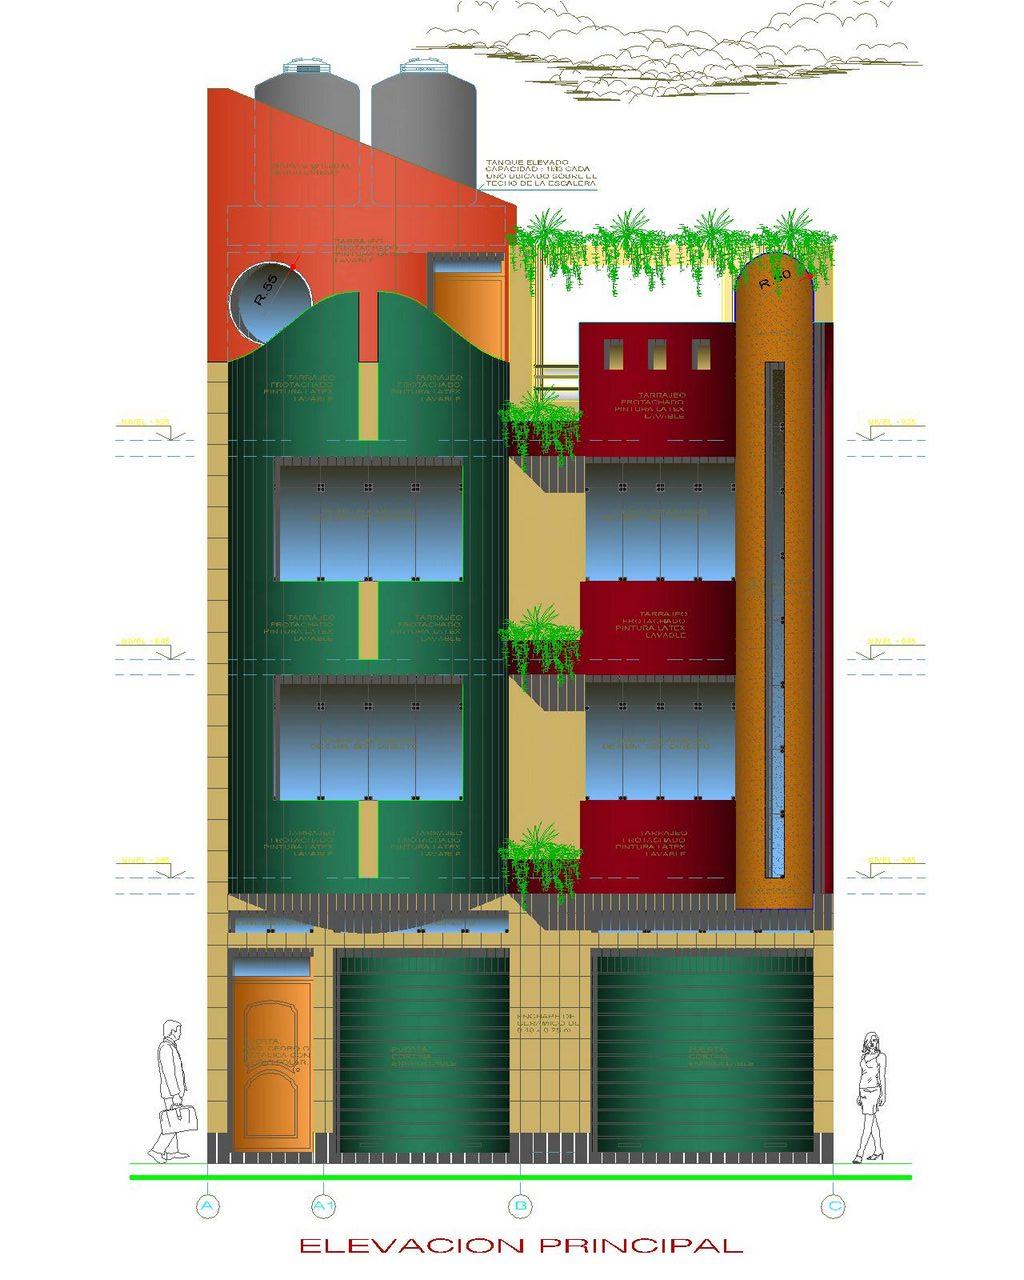 مجموعه پلان های مسکونی سه طبقه